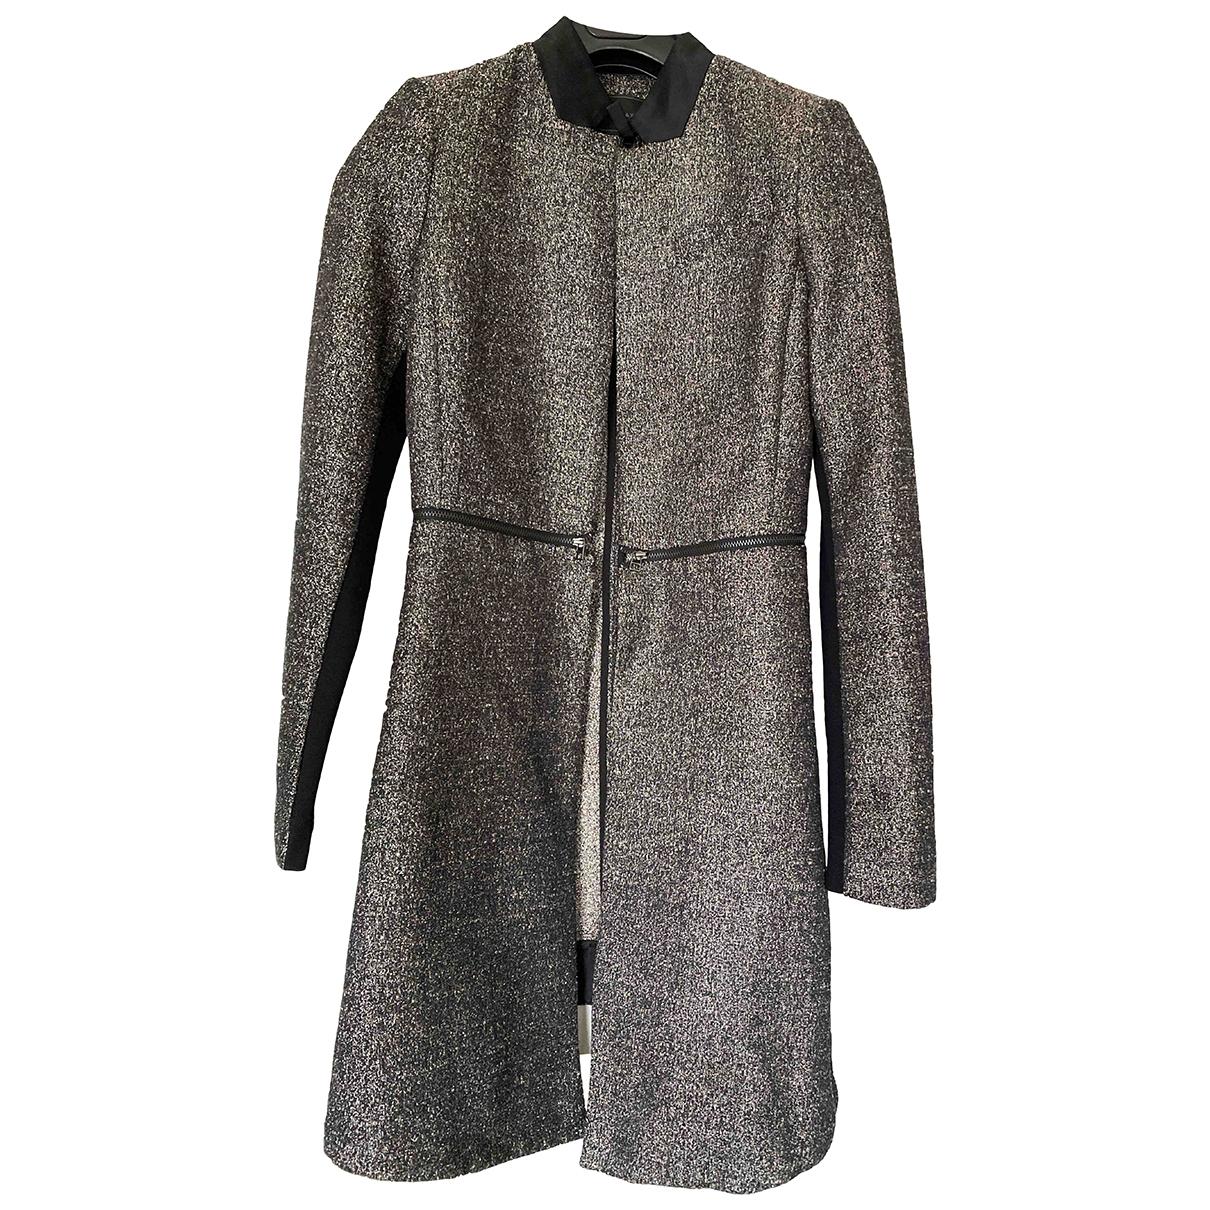 Bcbg Max Azria \N Gold coat for Women 36 FR